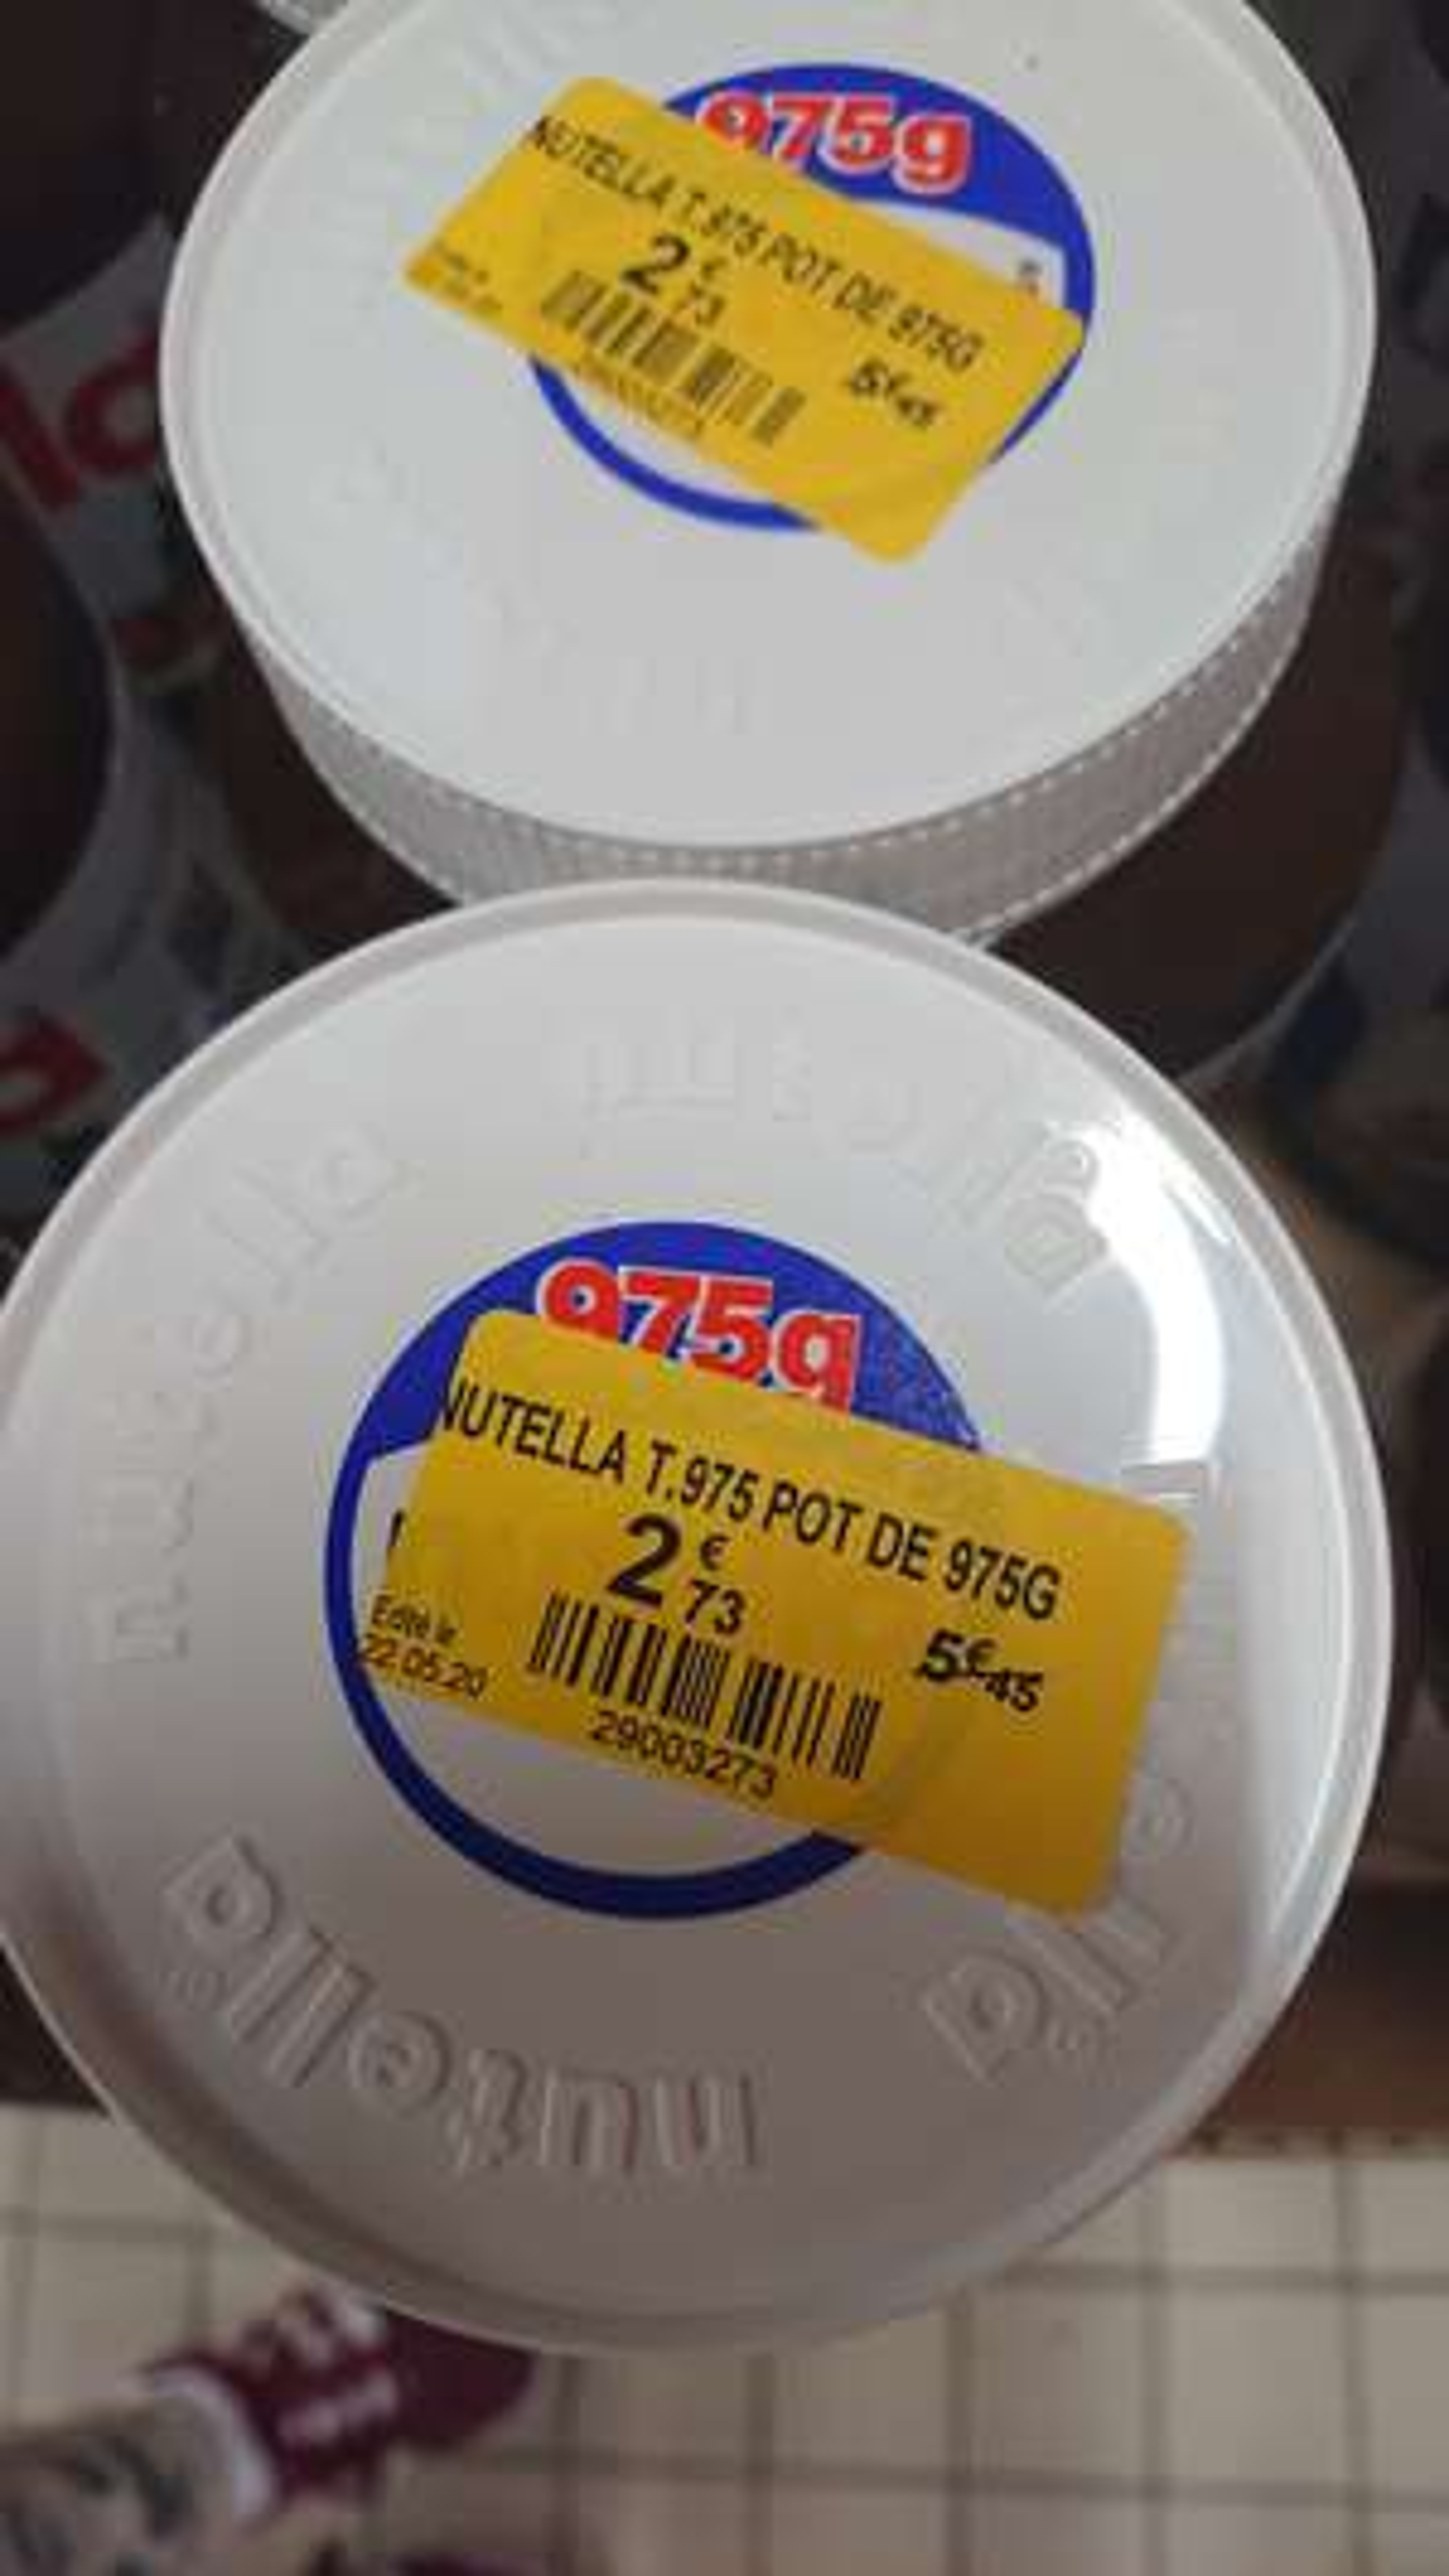 Pot de pâte à tartiner Nutella - 975g - Limoges (87)